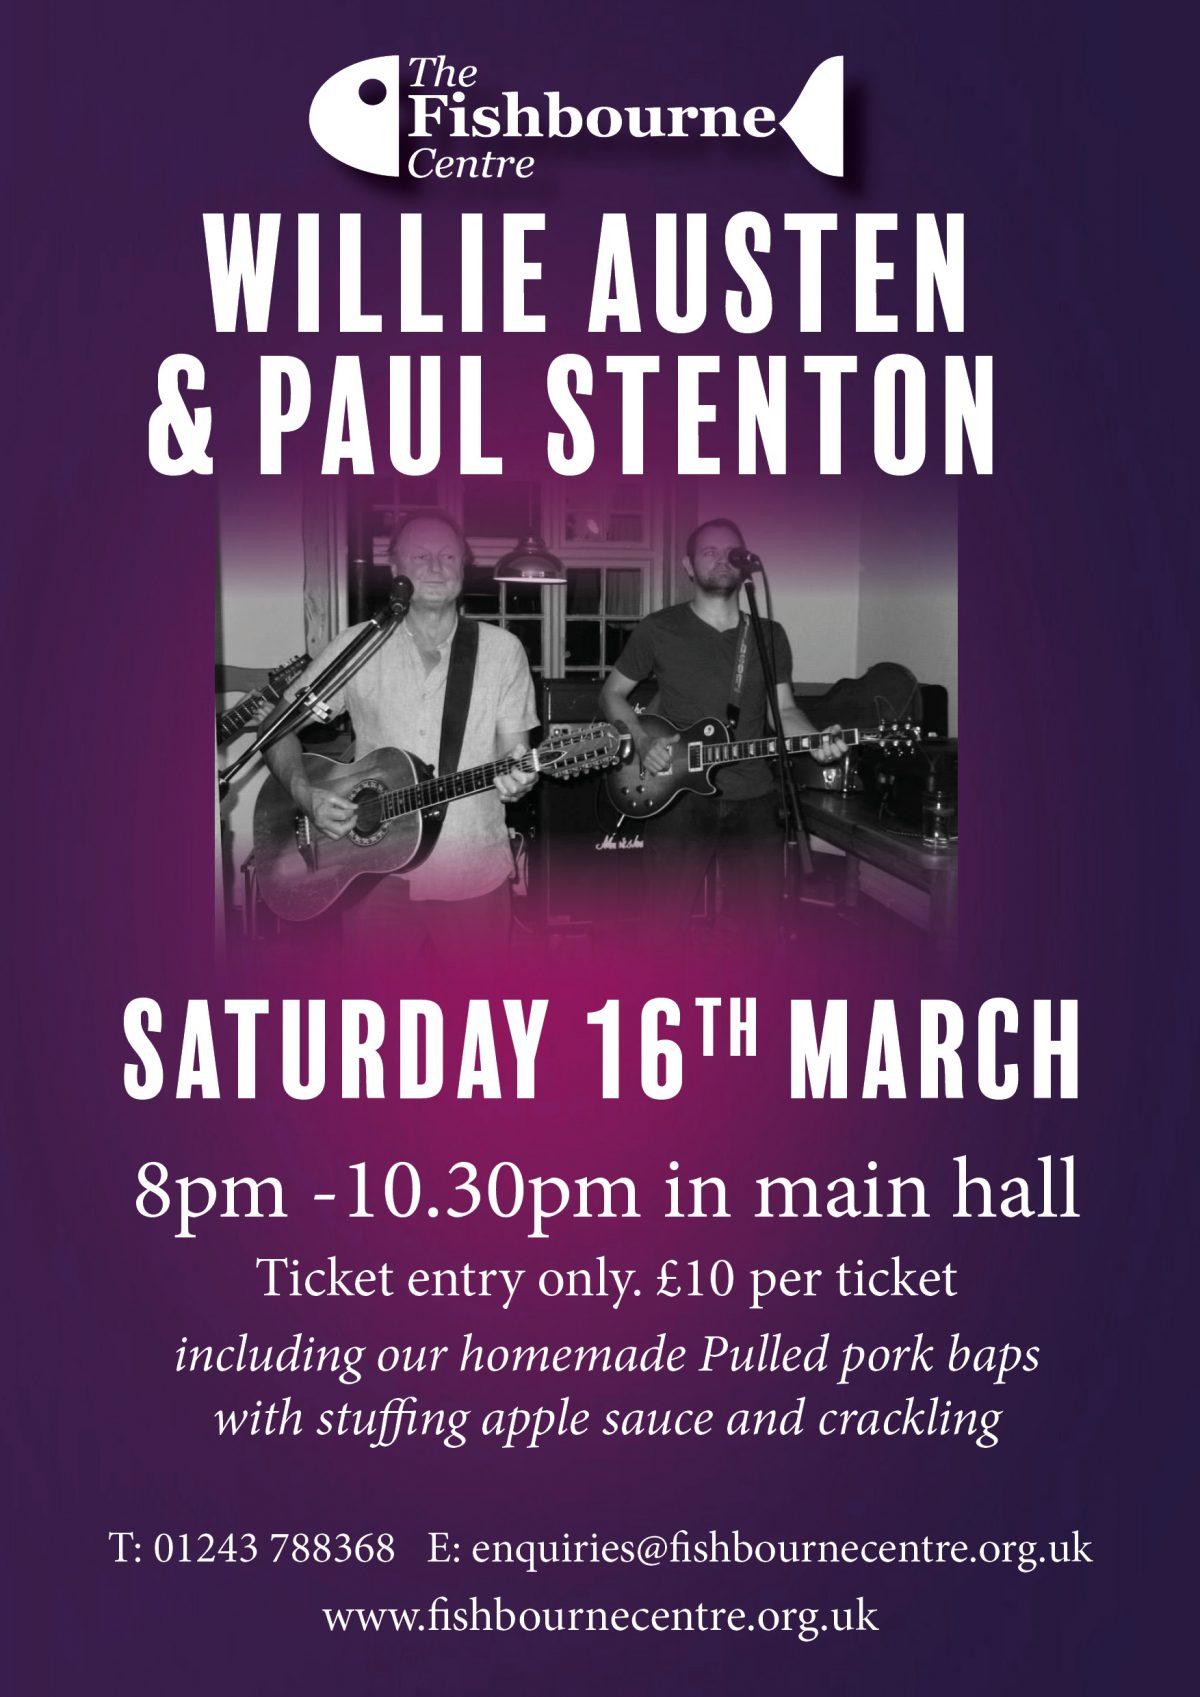 willie Austen concert